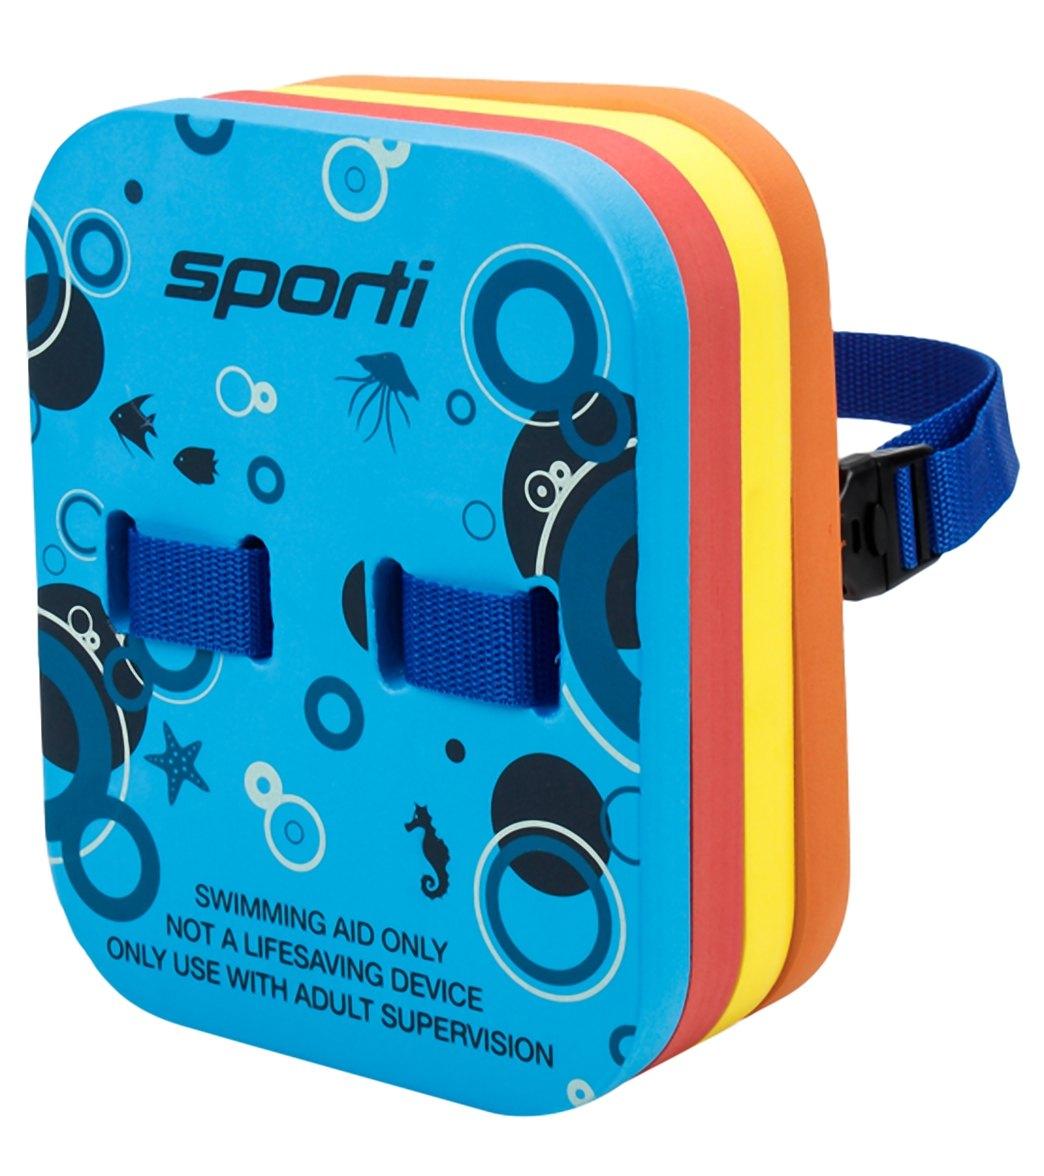 d3793a6f3 Sporti Progressive Back Floatation Device at SwimOutlet.com